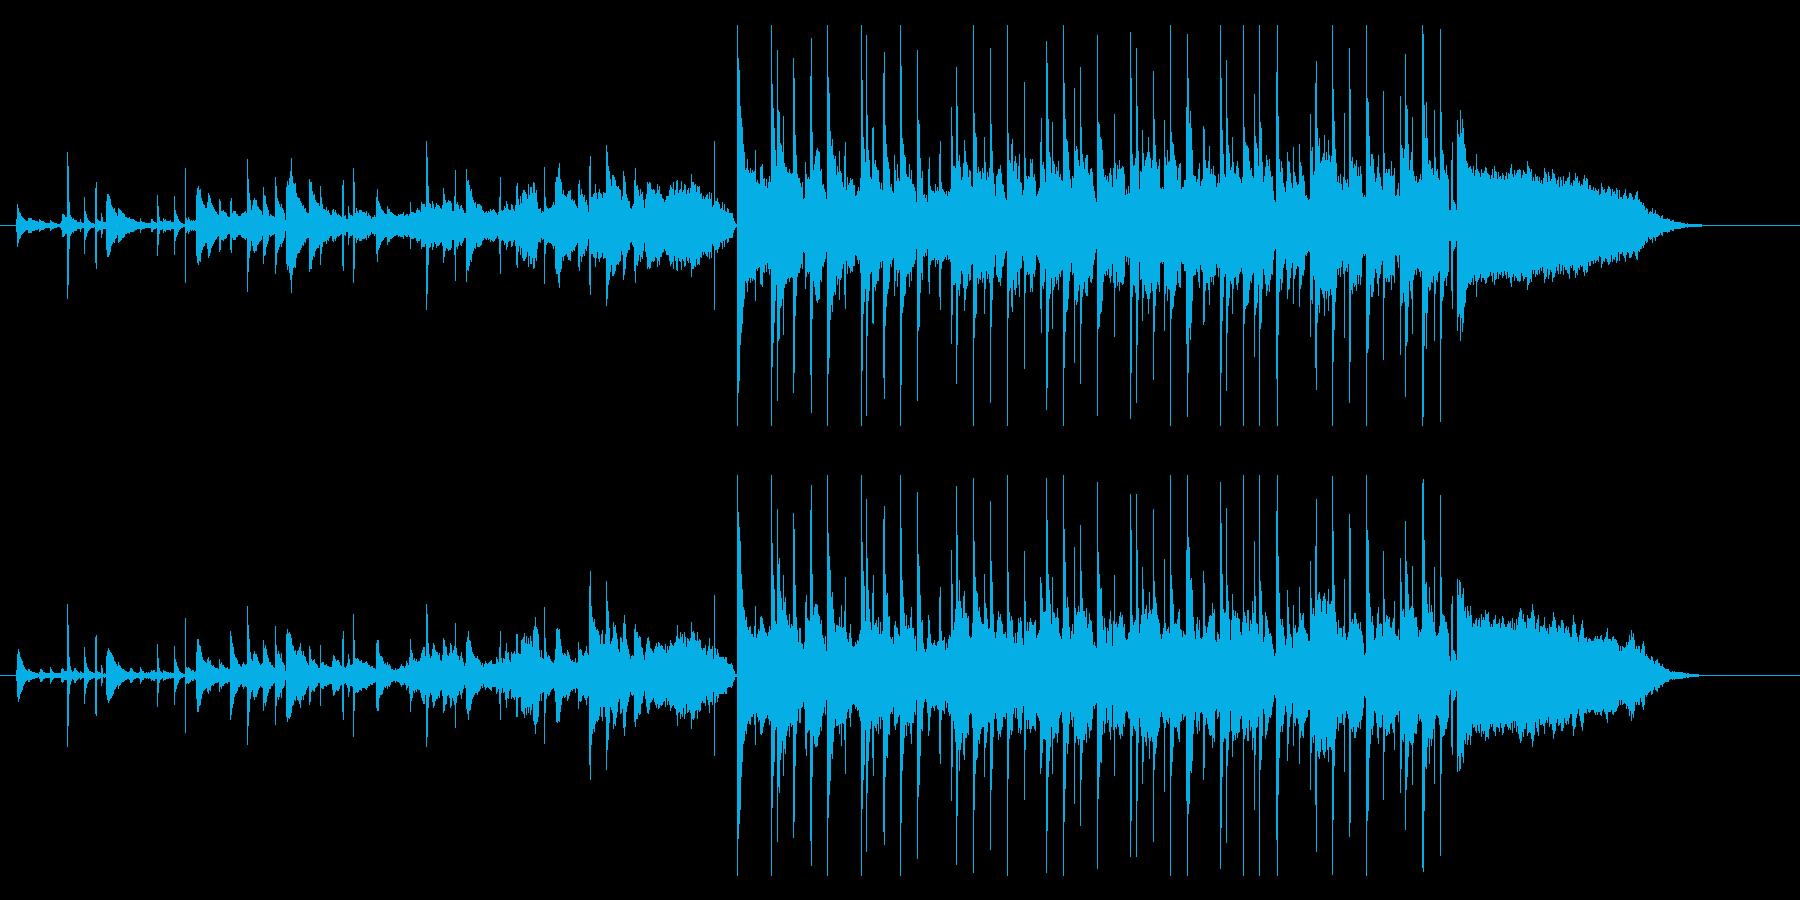 ピアノとシンセサイザーのワンダーランドの再生済みの波形